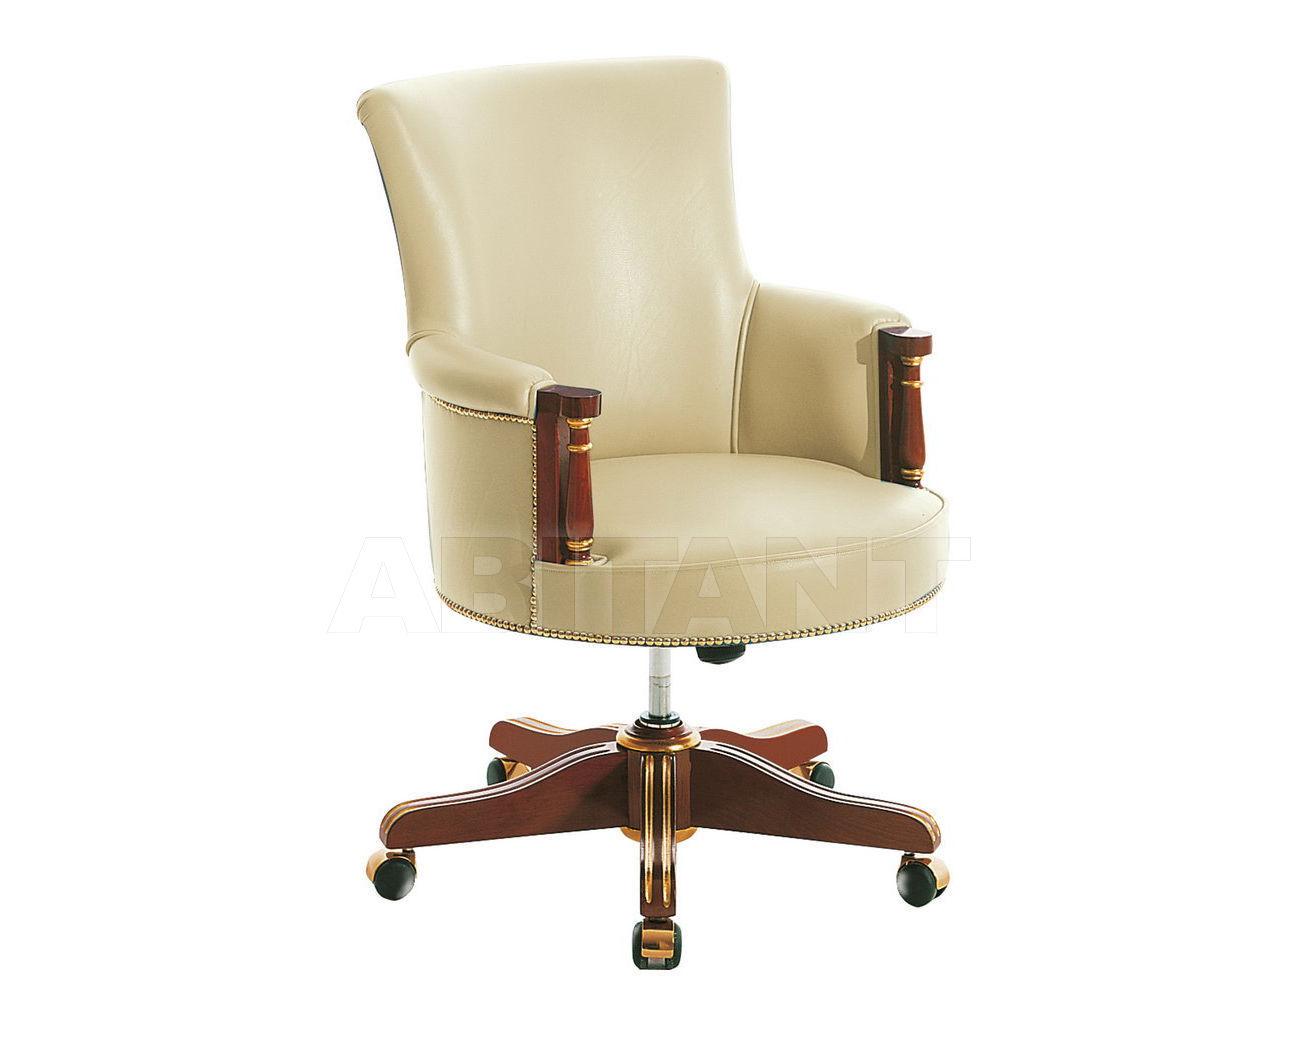 Купить Кресло для кабинета Colombostile s.p.a. 2010 0117 PL2